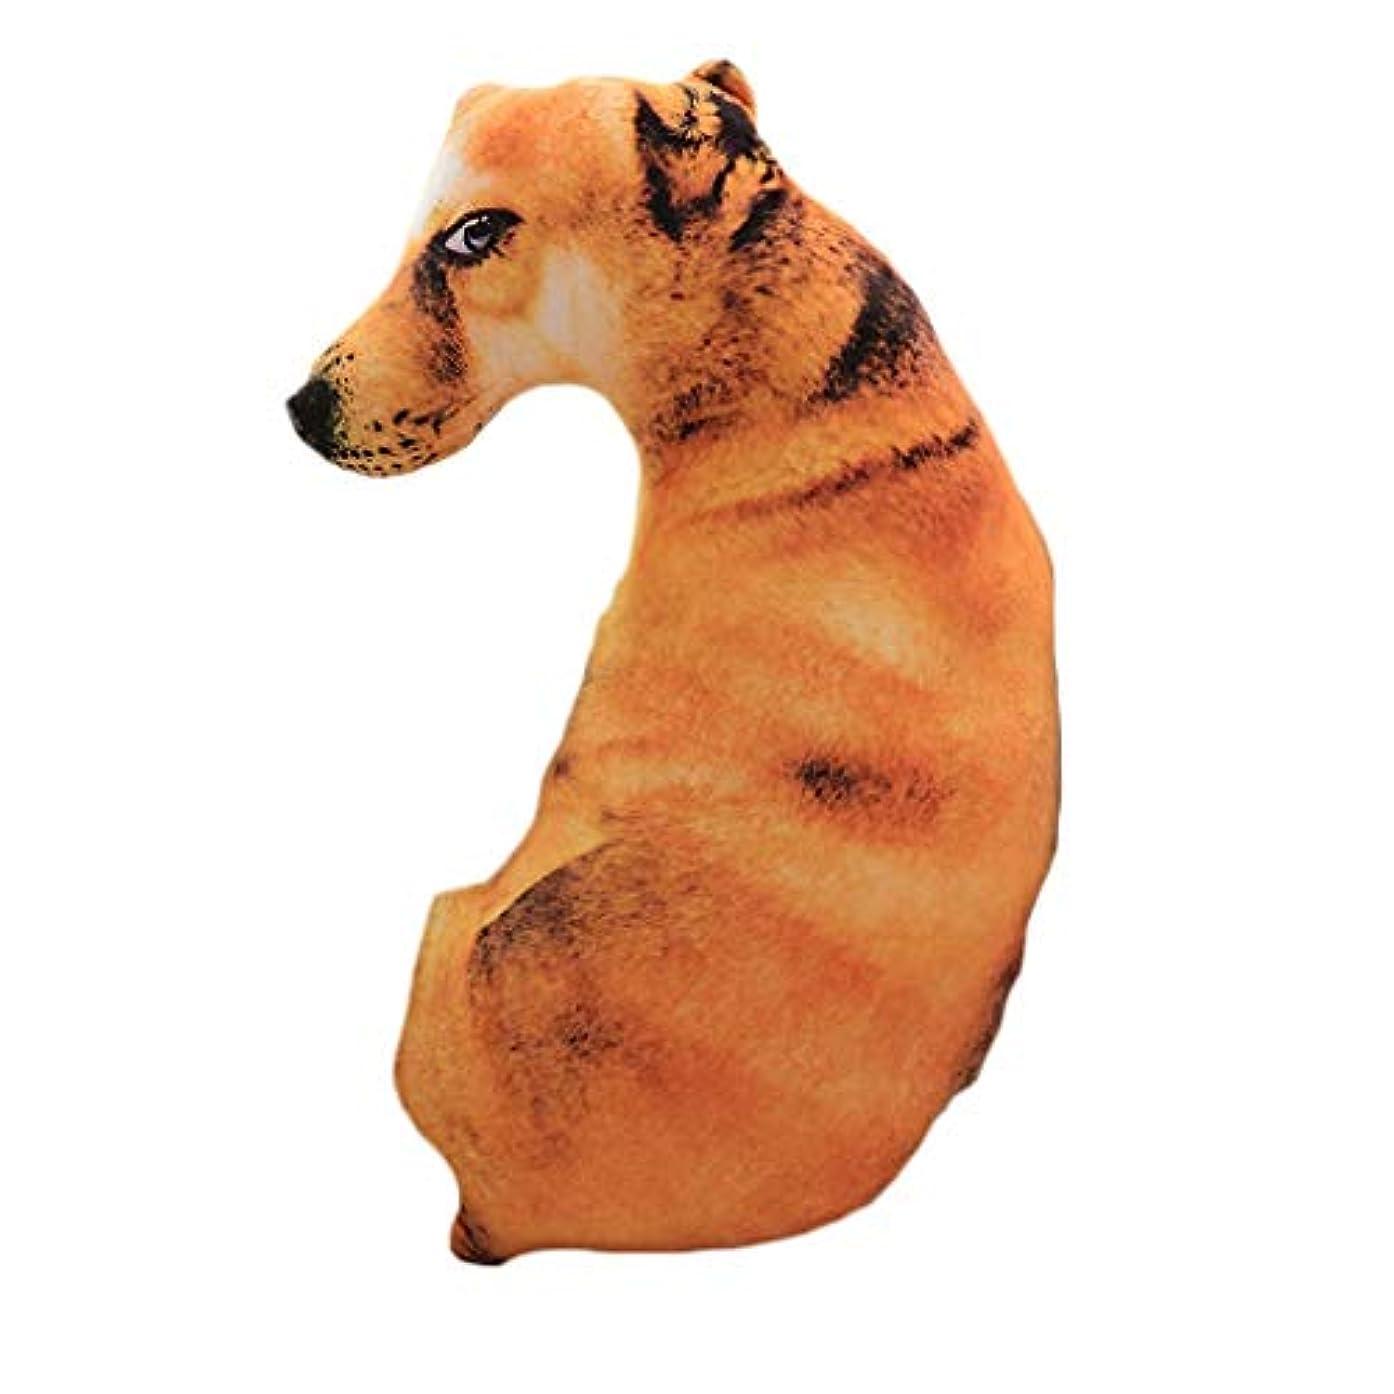 異邦人共産主義者群衆LIFE 装飾クッションソファおかしい 3D 犬印刷スロー枕創造クッションかわいいぬいぐるみギフト家の装飾 coussin decoratif クッション 椅子